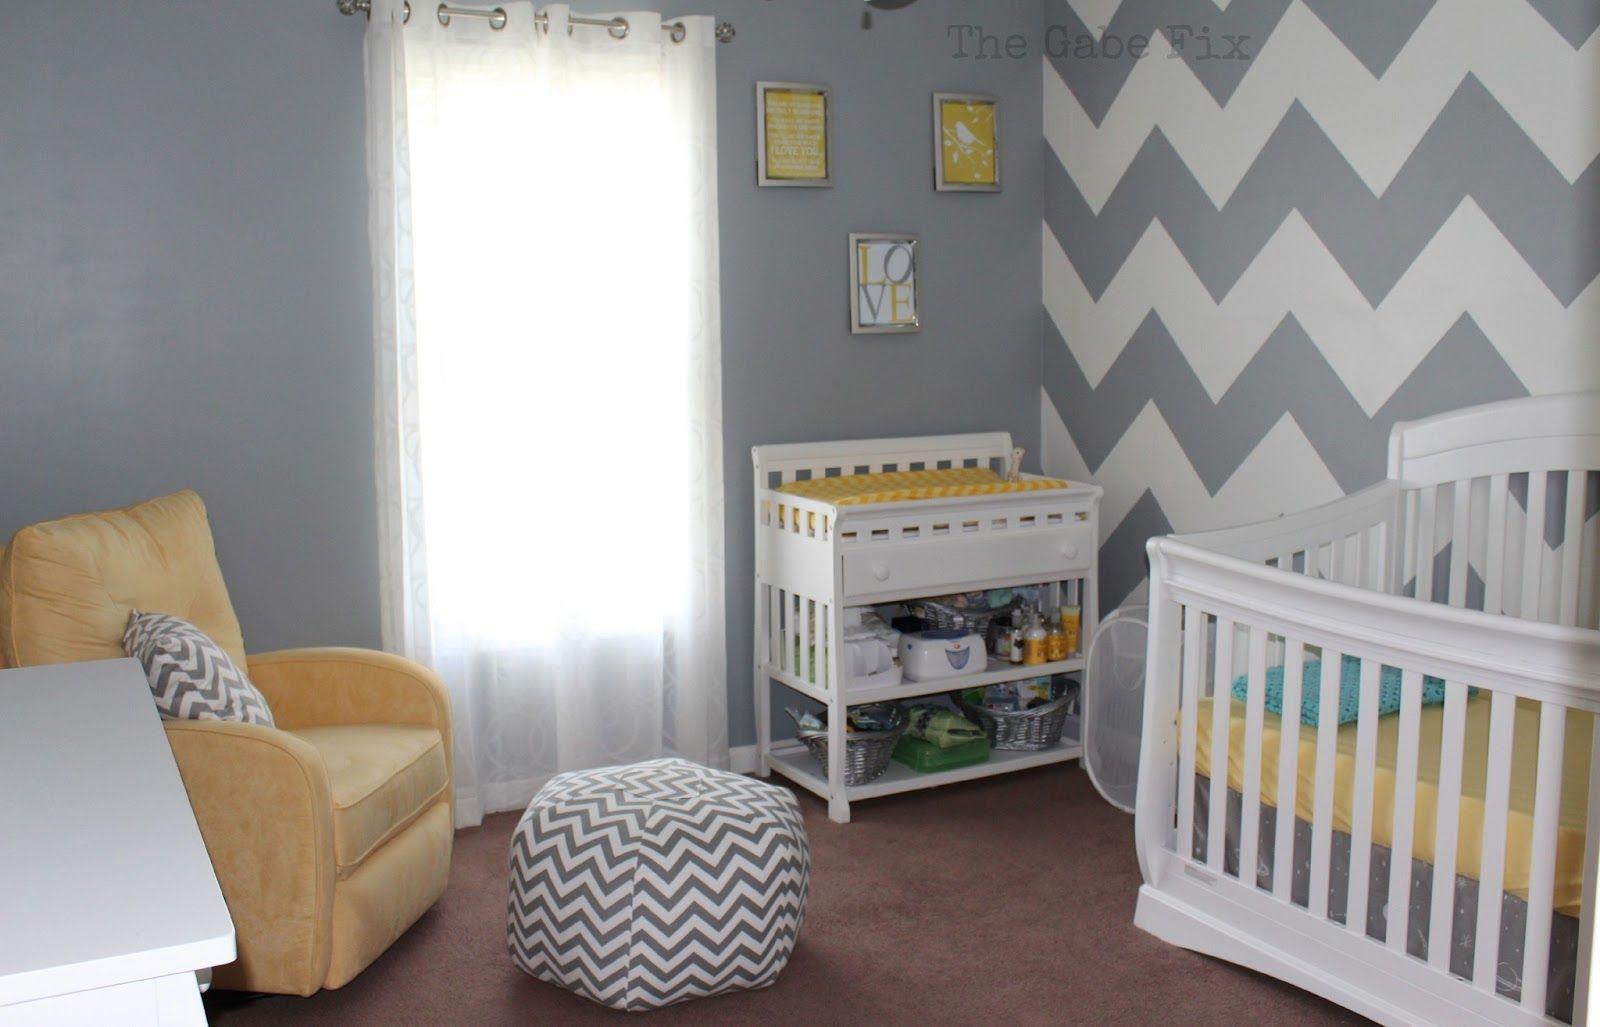 Decoracao Quarto Bebe Cor Neutra 1 Beb Pinterest  ~ Decoração De Quarto De Bebe Pequeno